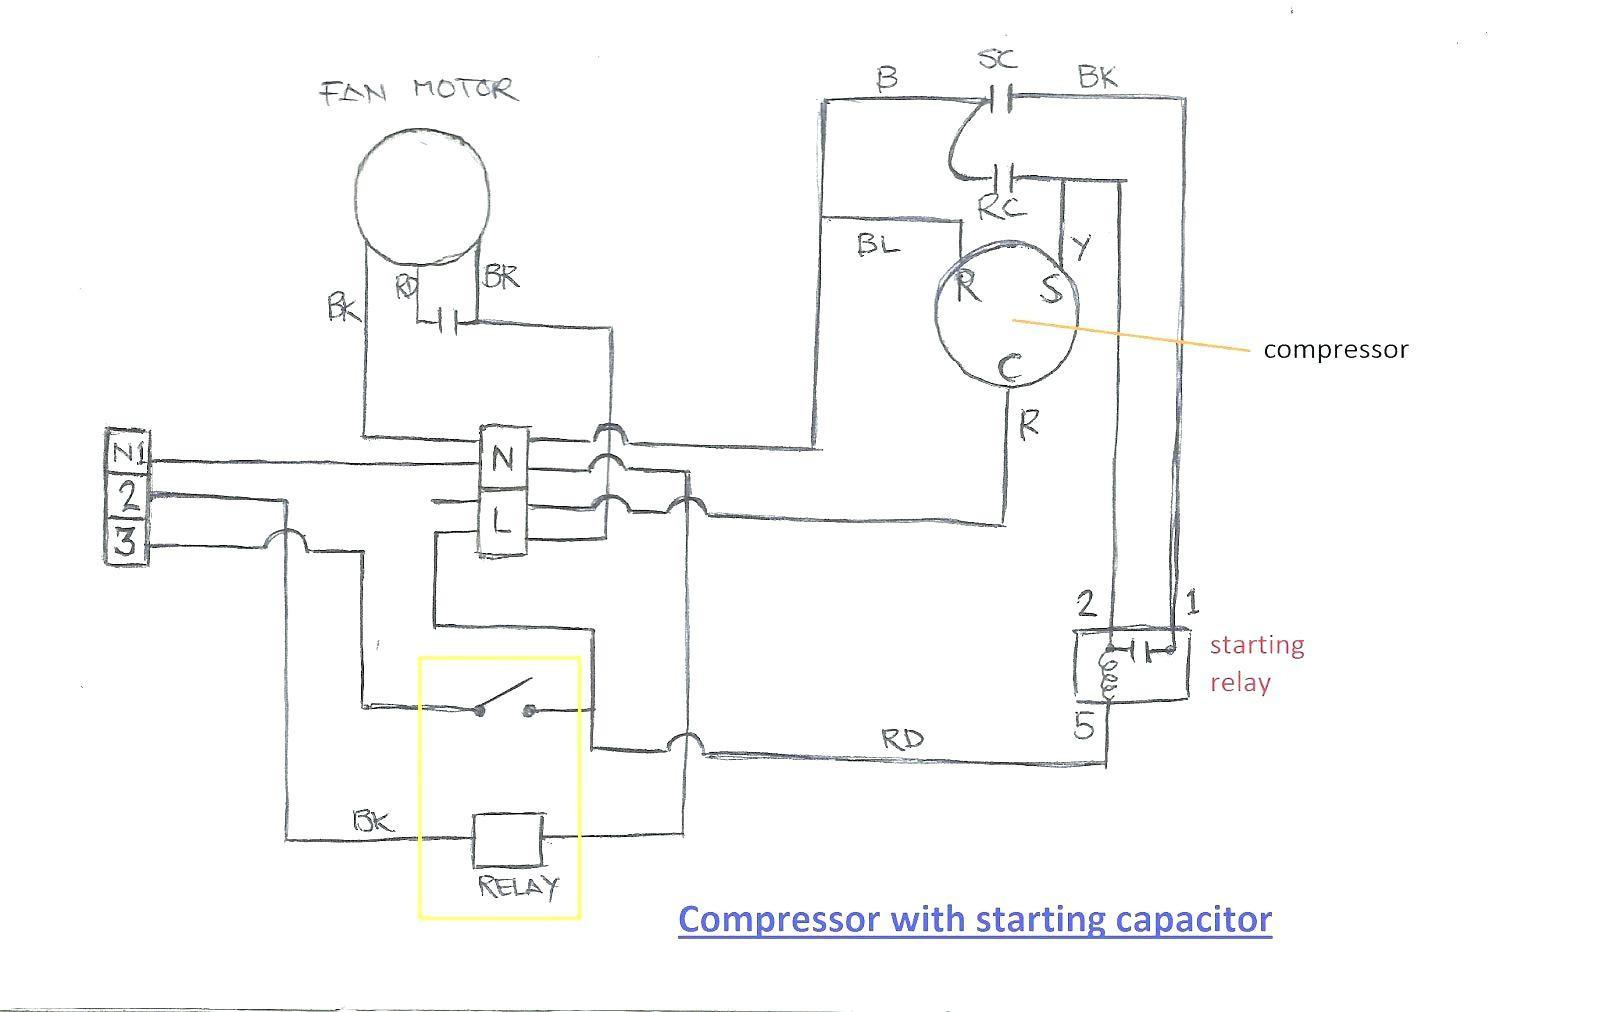 baldor brake wiring diagram baldor motor schematic wiring diagrams site  baldor motor schematic wiring